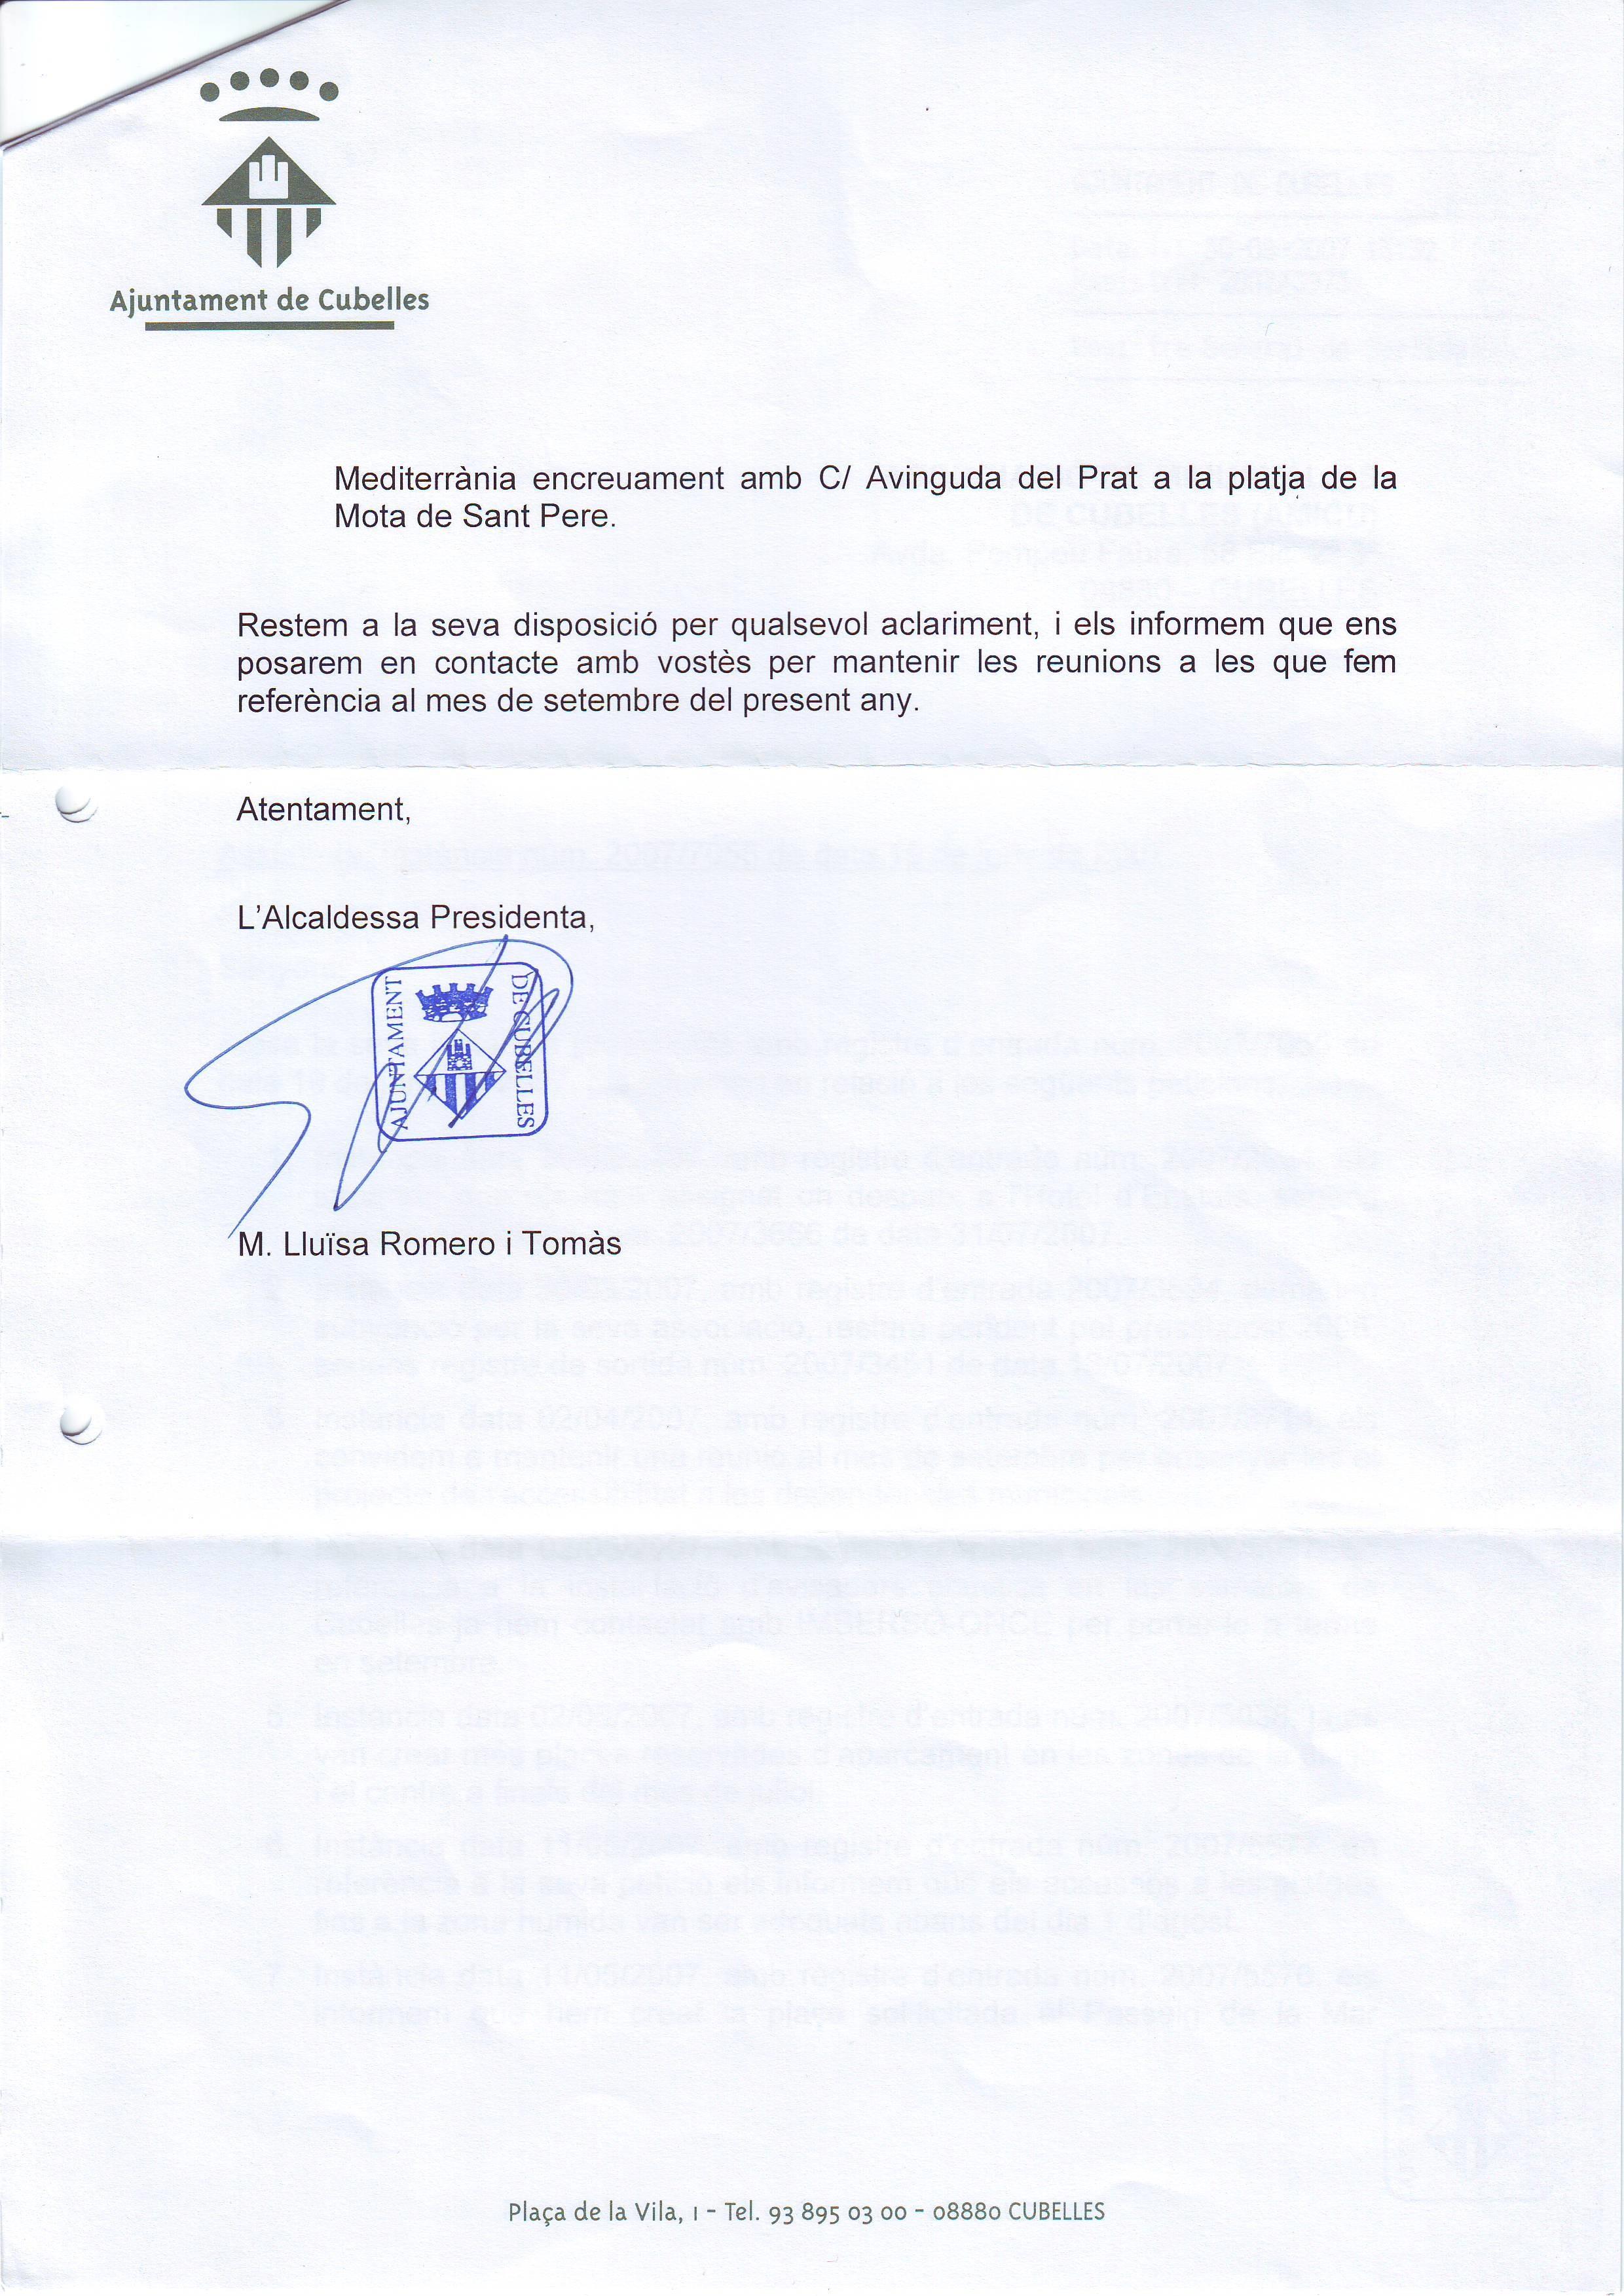 RESPUESTAS A INSTANCIA - 2 - RESPUESTA A VARIAS INSTANCIAS - 30-08-2008